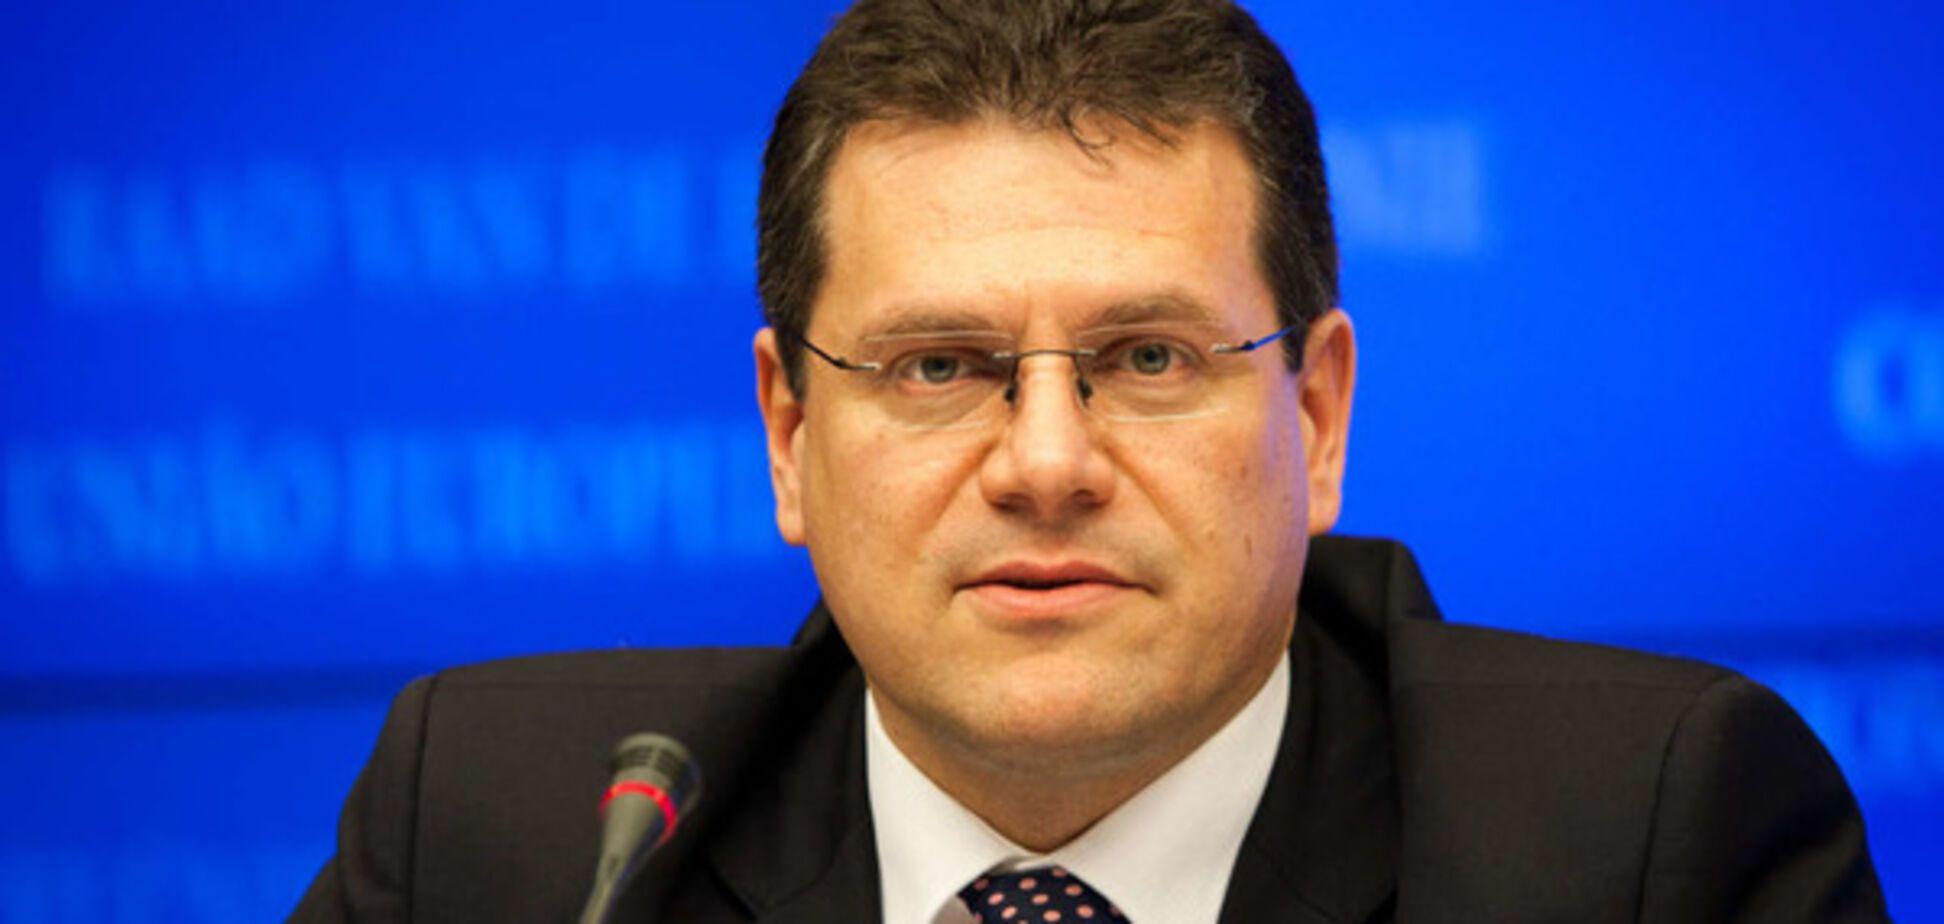 Марош Шефчович